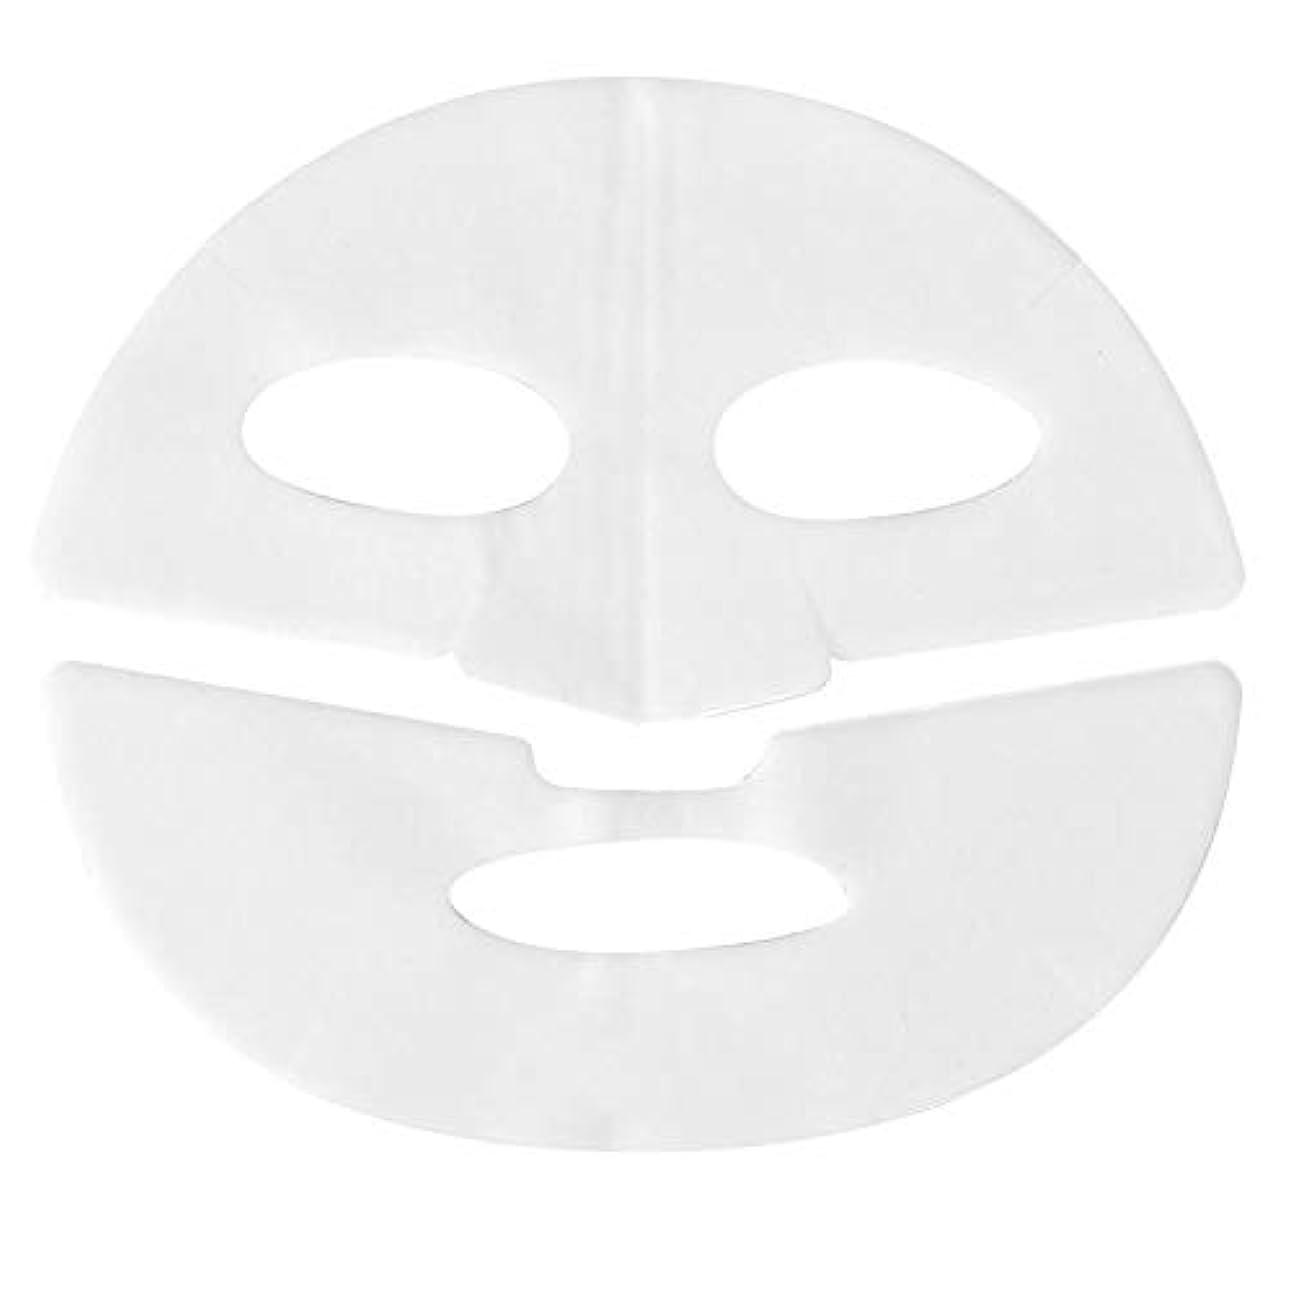 息子いっぱいシリーズ10 PCS痩身マスク - 水分補給用V字型マスク、保湿マスク - 首とあごのリフト、アンチエイジング、しわを軽減